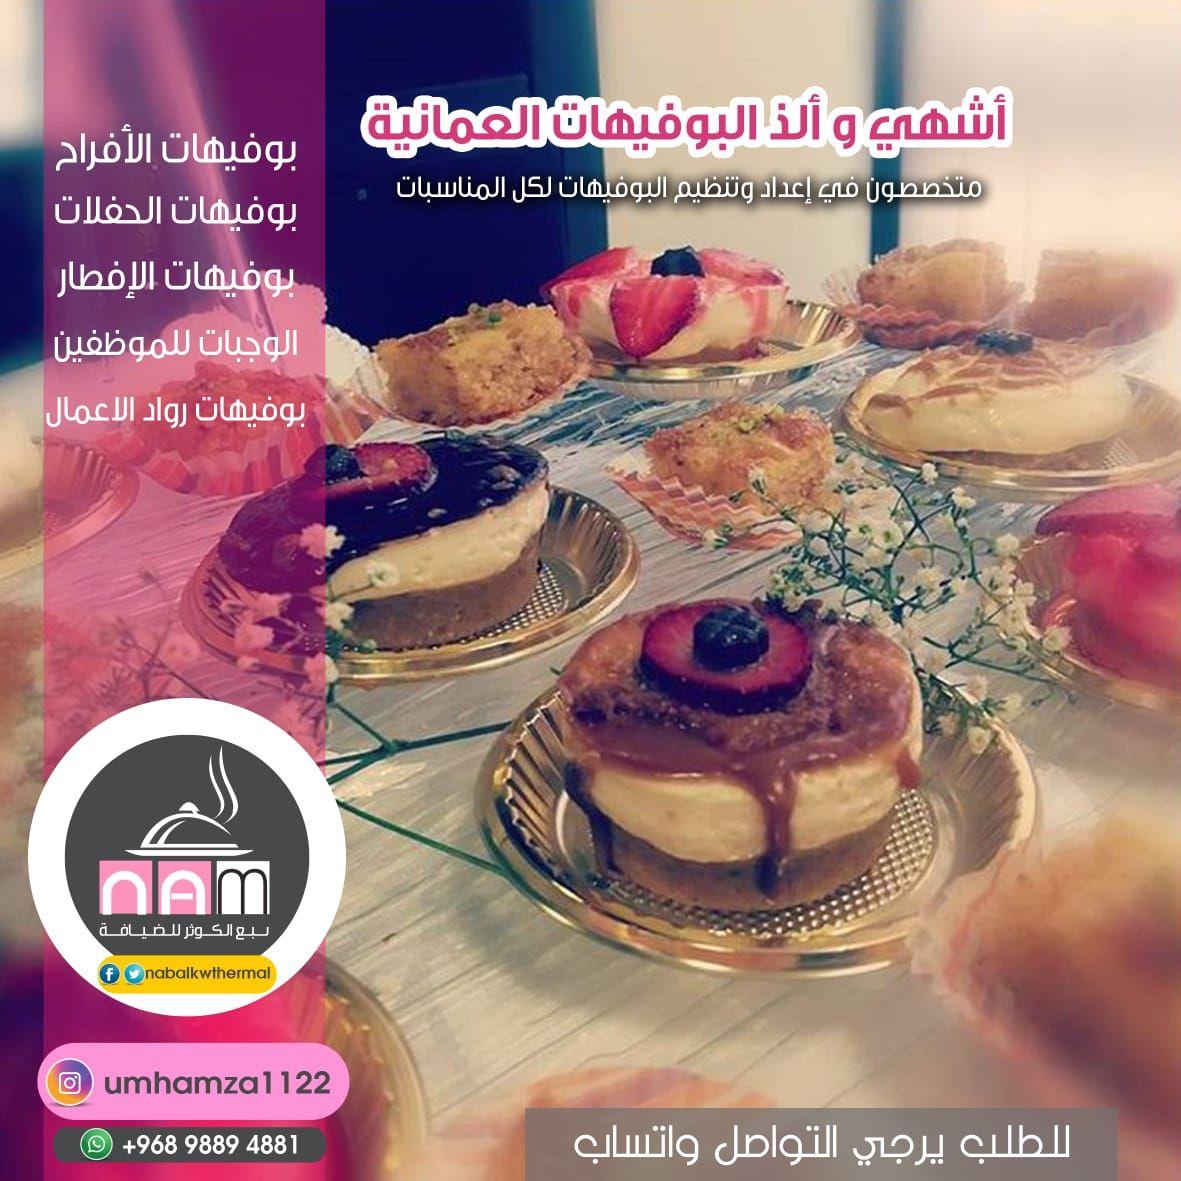 تألق في مختلف مناسباتك واحتفالاتك ودع ترتيبات البوفيه علينا نبع الكوثر للضيافة العمانية متوفرة لدينا خدمة التوصيل للتواصل 98894881 ال Food Breakfast Muffin